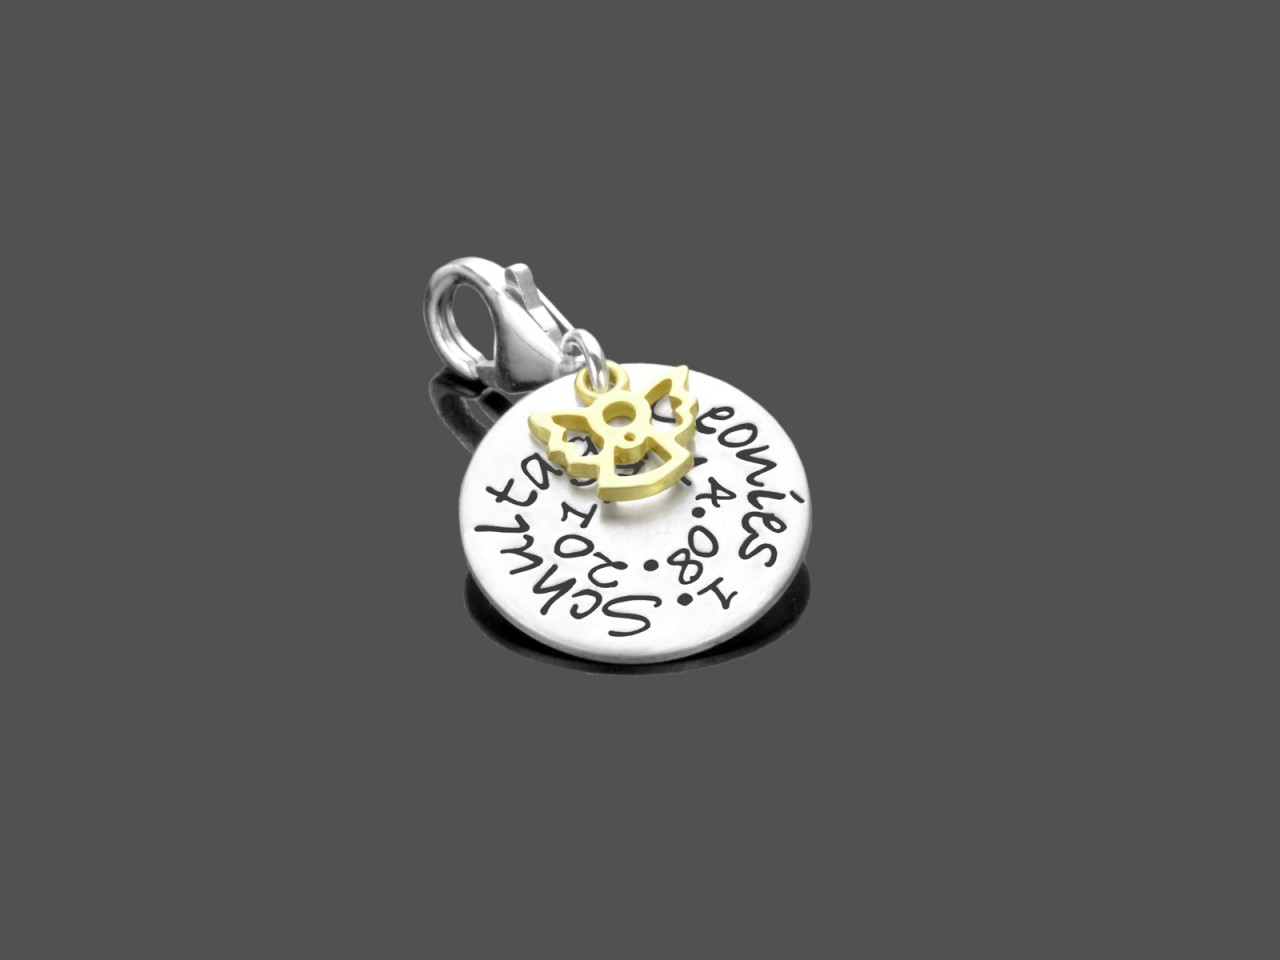 1.SCHULTAG 925 Silber Anhänger Charm Einschulung